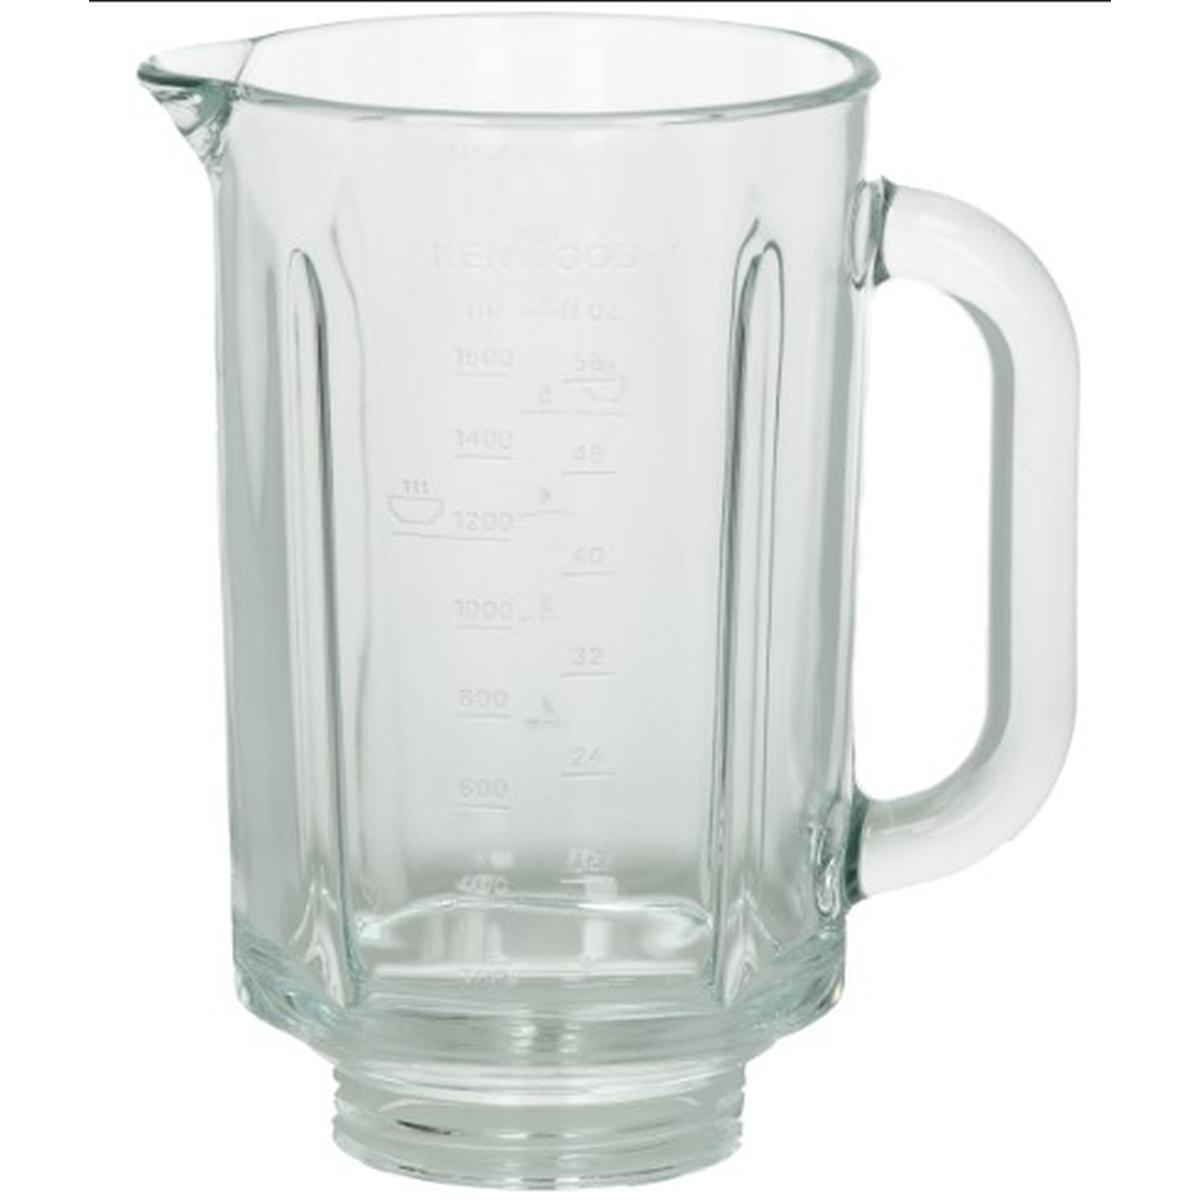 Blenderkanna 1,6 liter